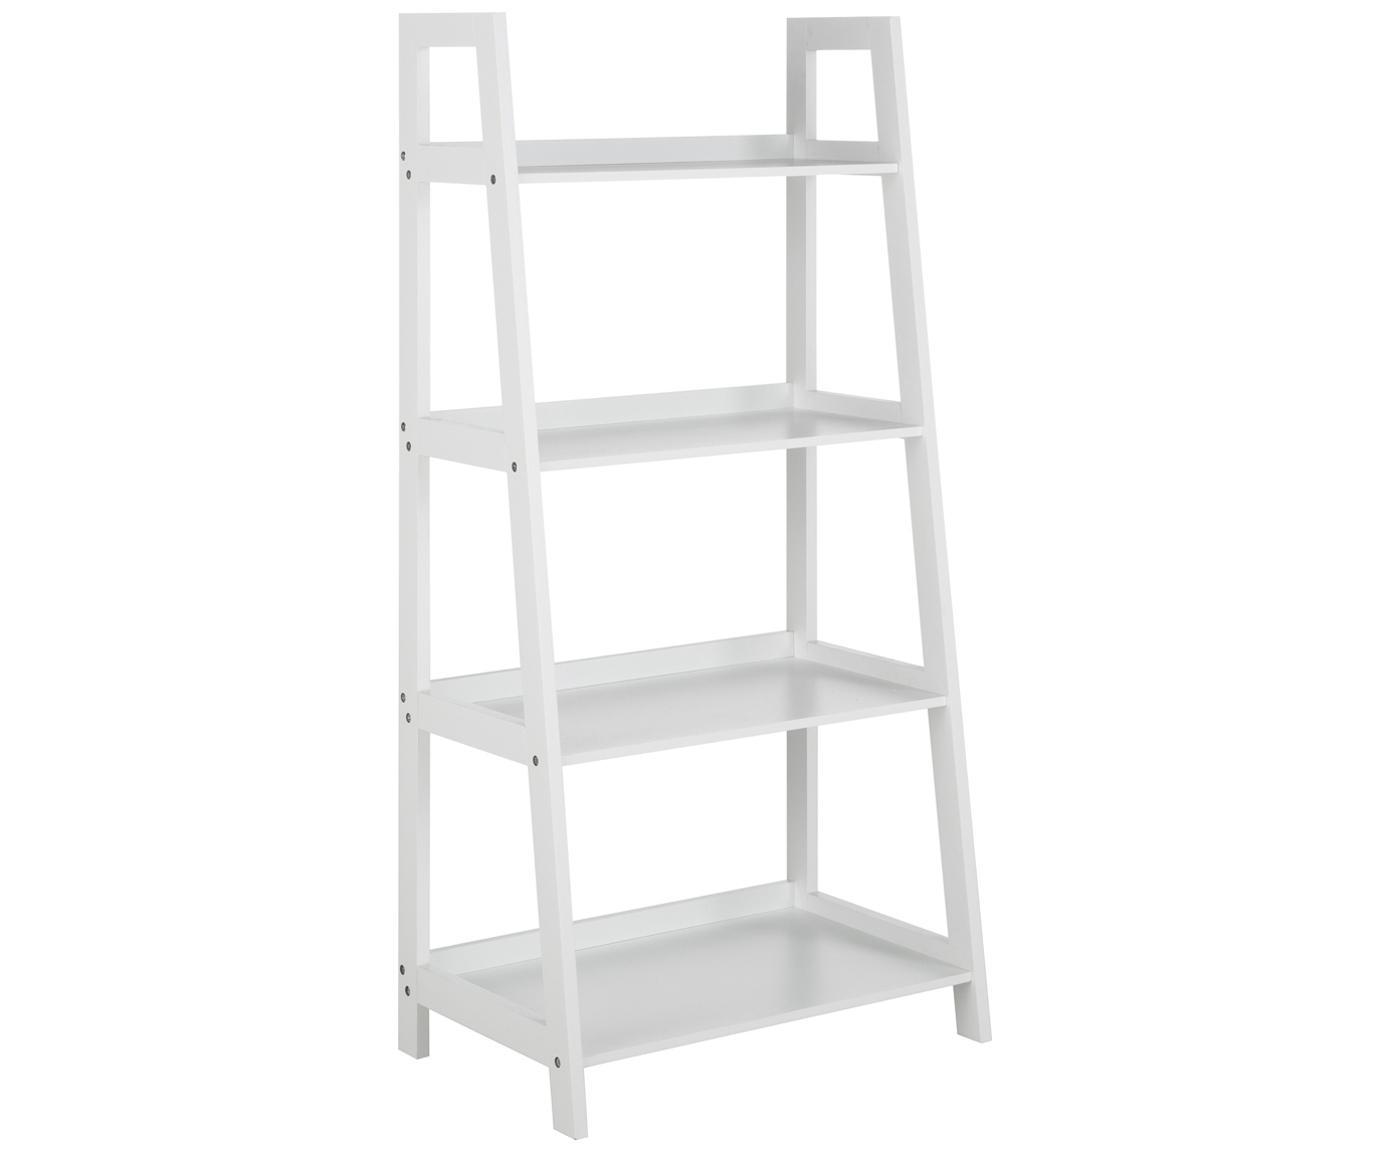 Libreria a scala bianca Wally, Pannello di fibra a media densità (MDF) verniciato, Bianco lucido, Larg. 63 x Alt. 130 cm